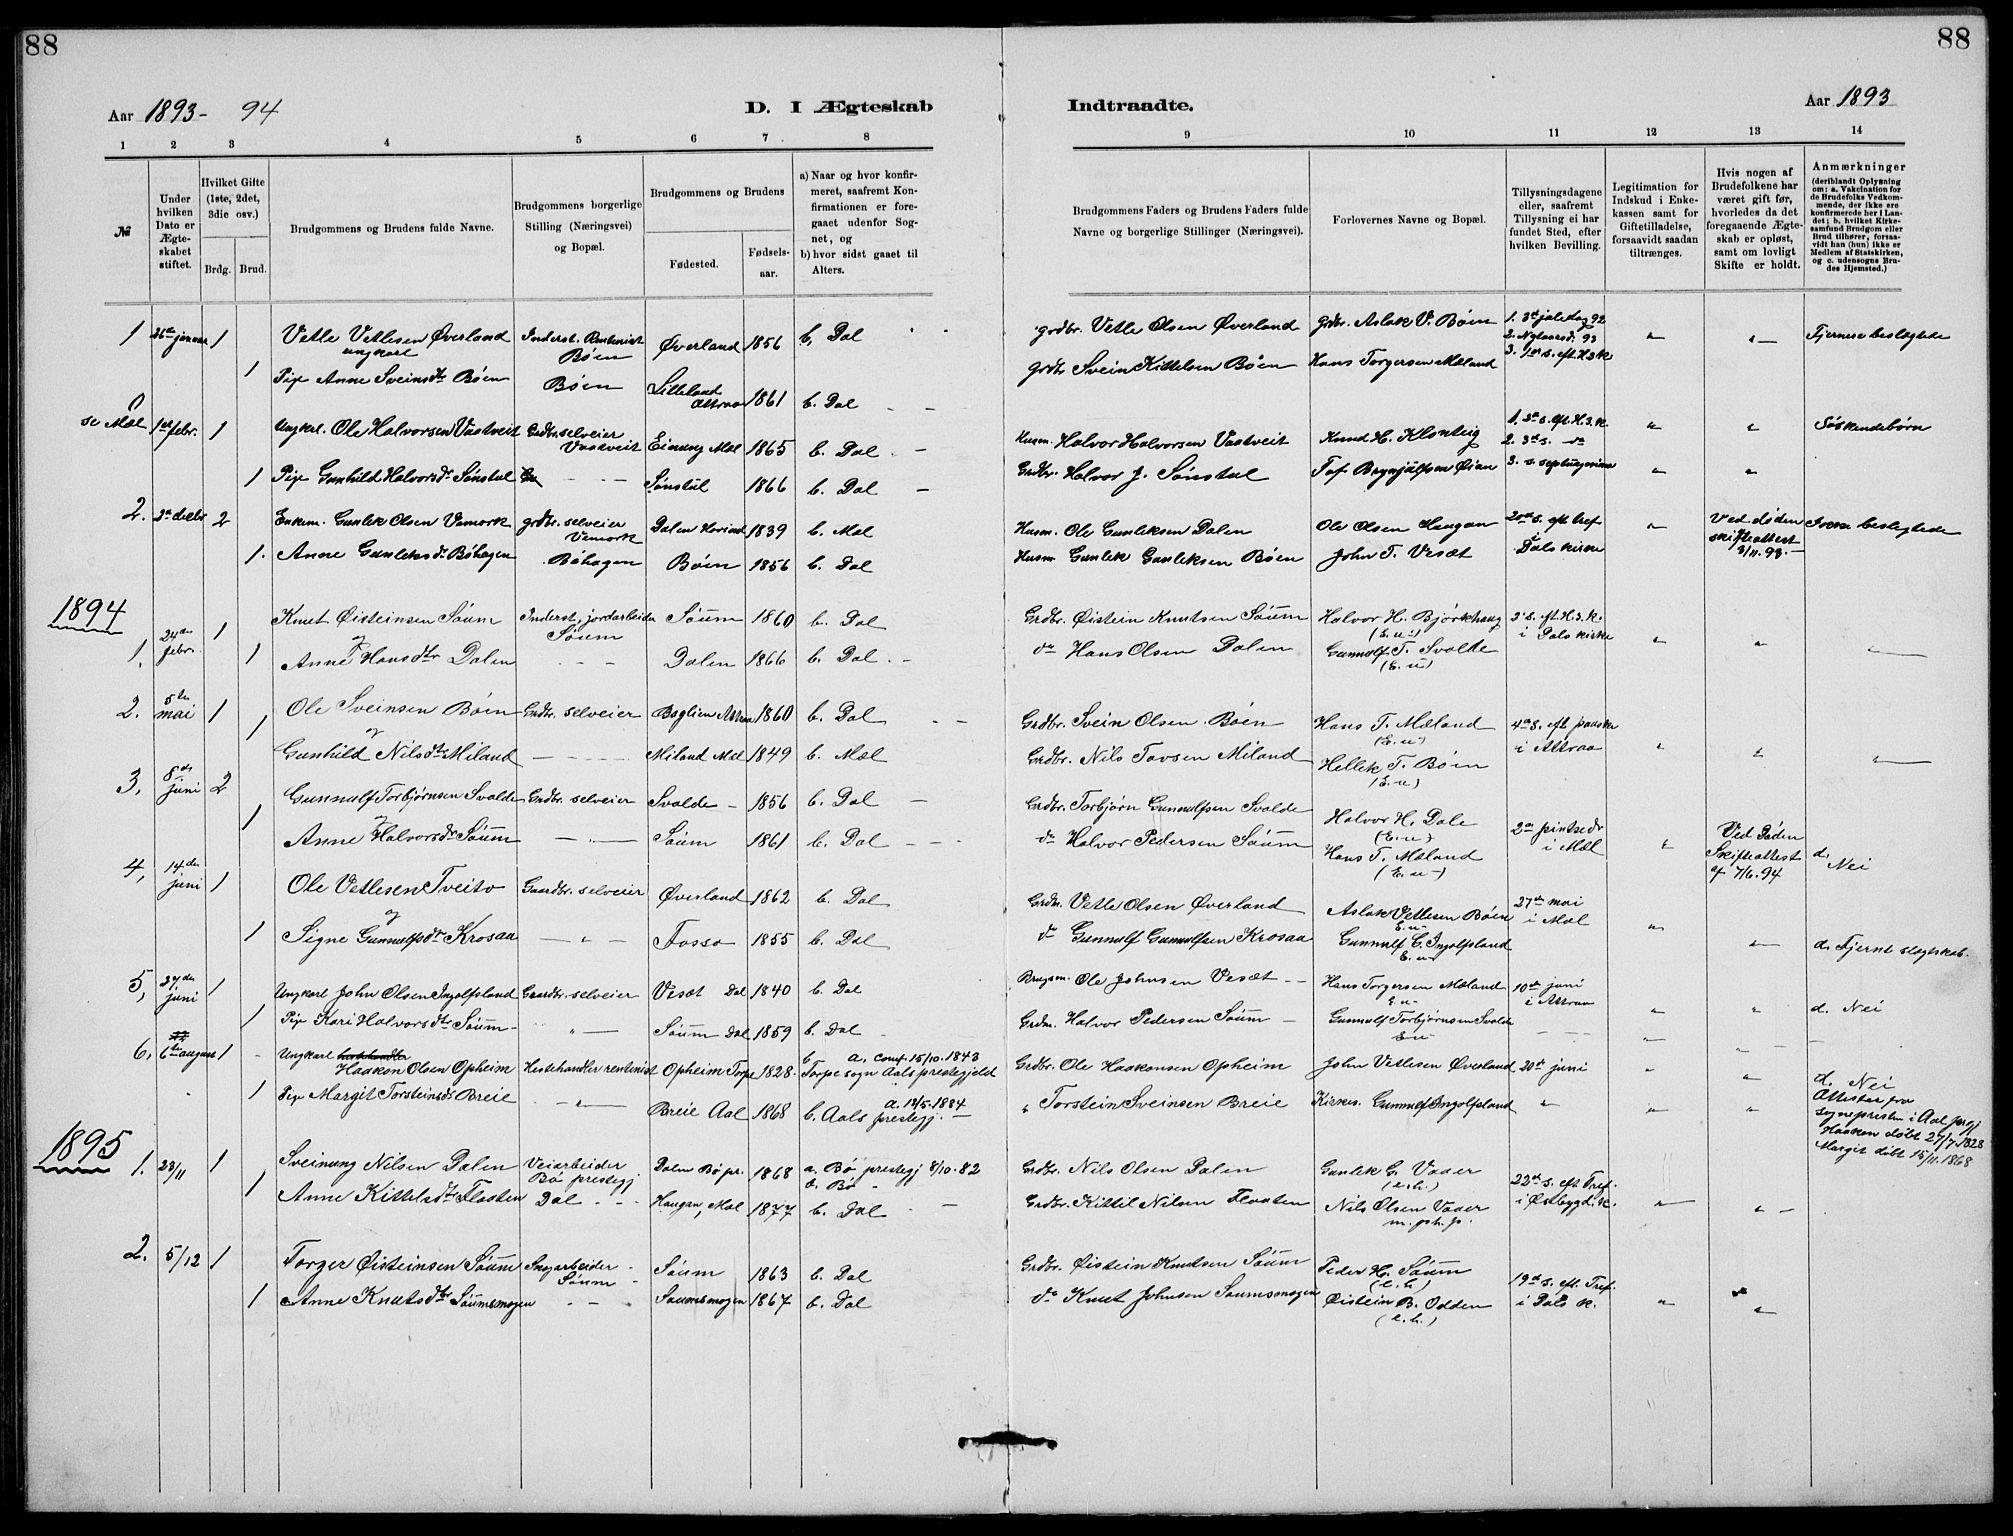 SAKO, Rjukan kirkebøker, G/Ga/L0001: Klokkerbok nr. 1, 1880-1914, s. 88